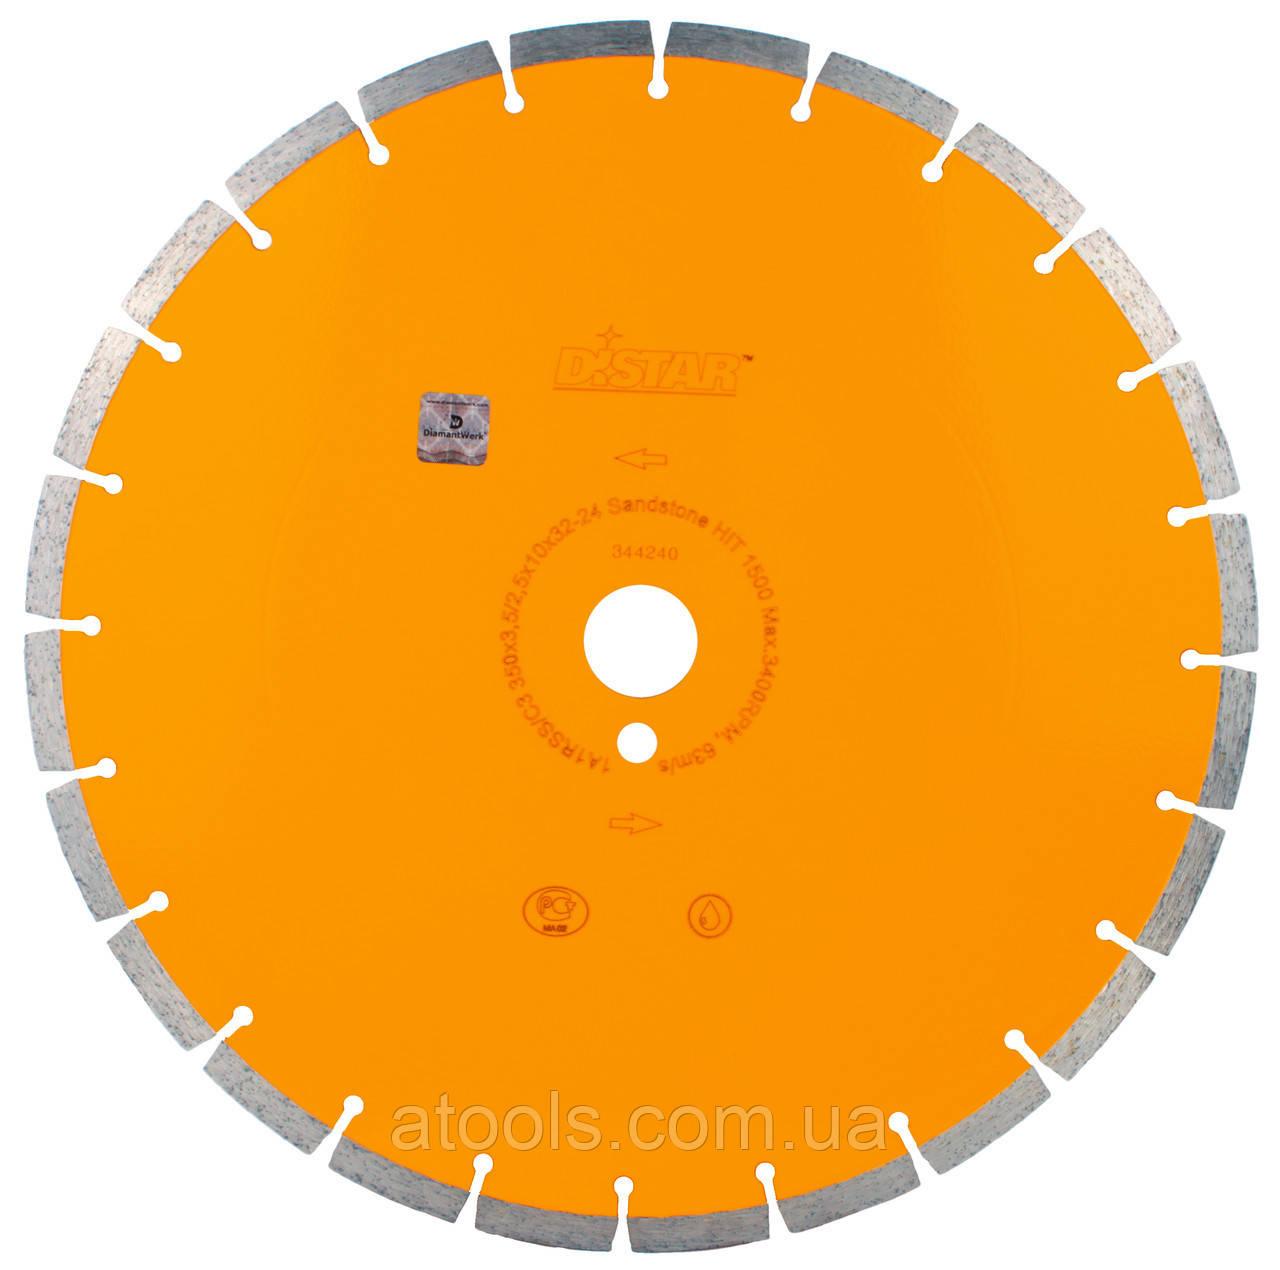 Алмазний відрізний диск Distar 1A1RSS/C2 520x4.0/3.0x15x32-36 Sandstone HIT 1500 (14227139033)